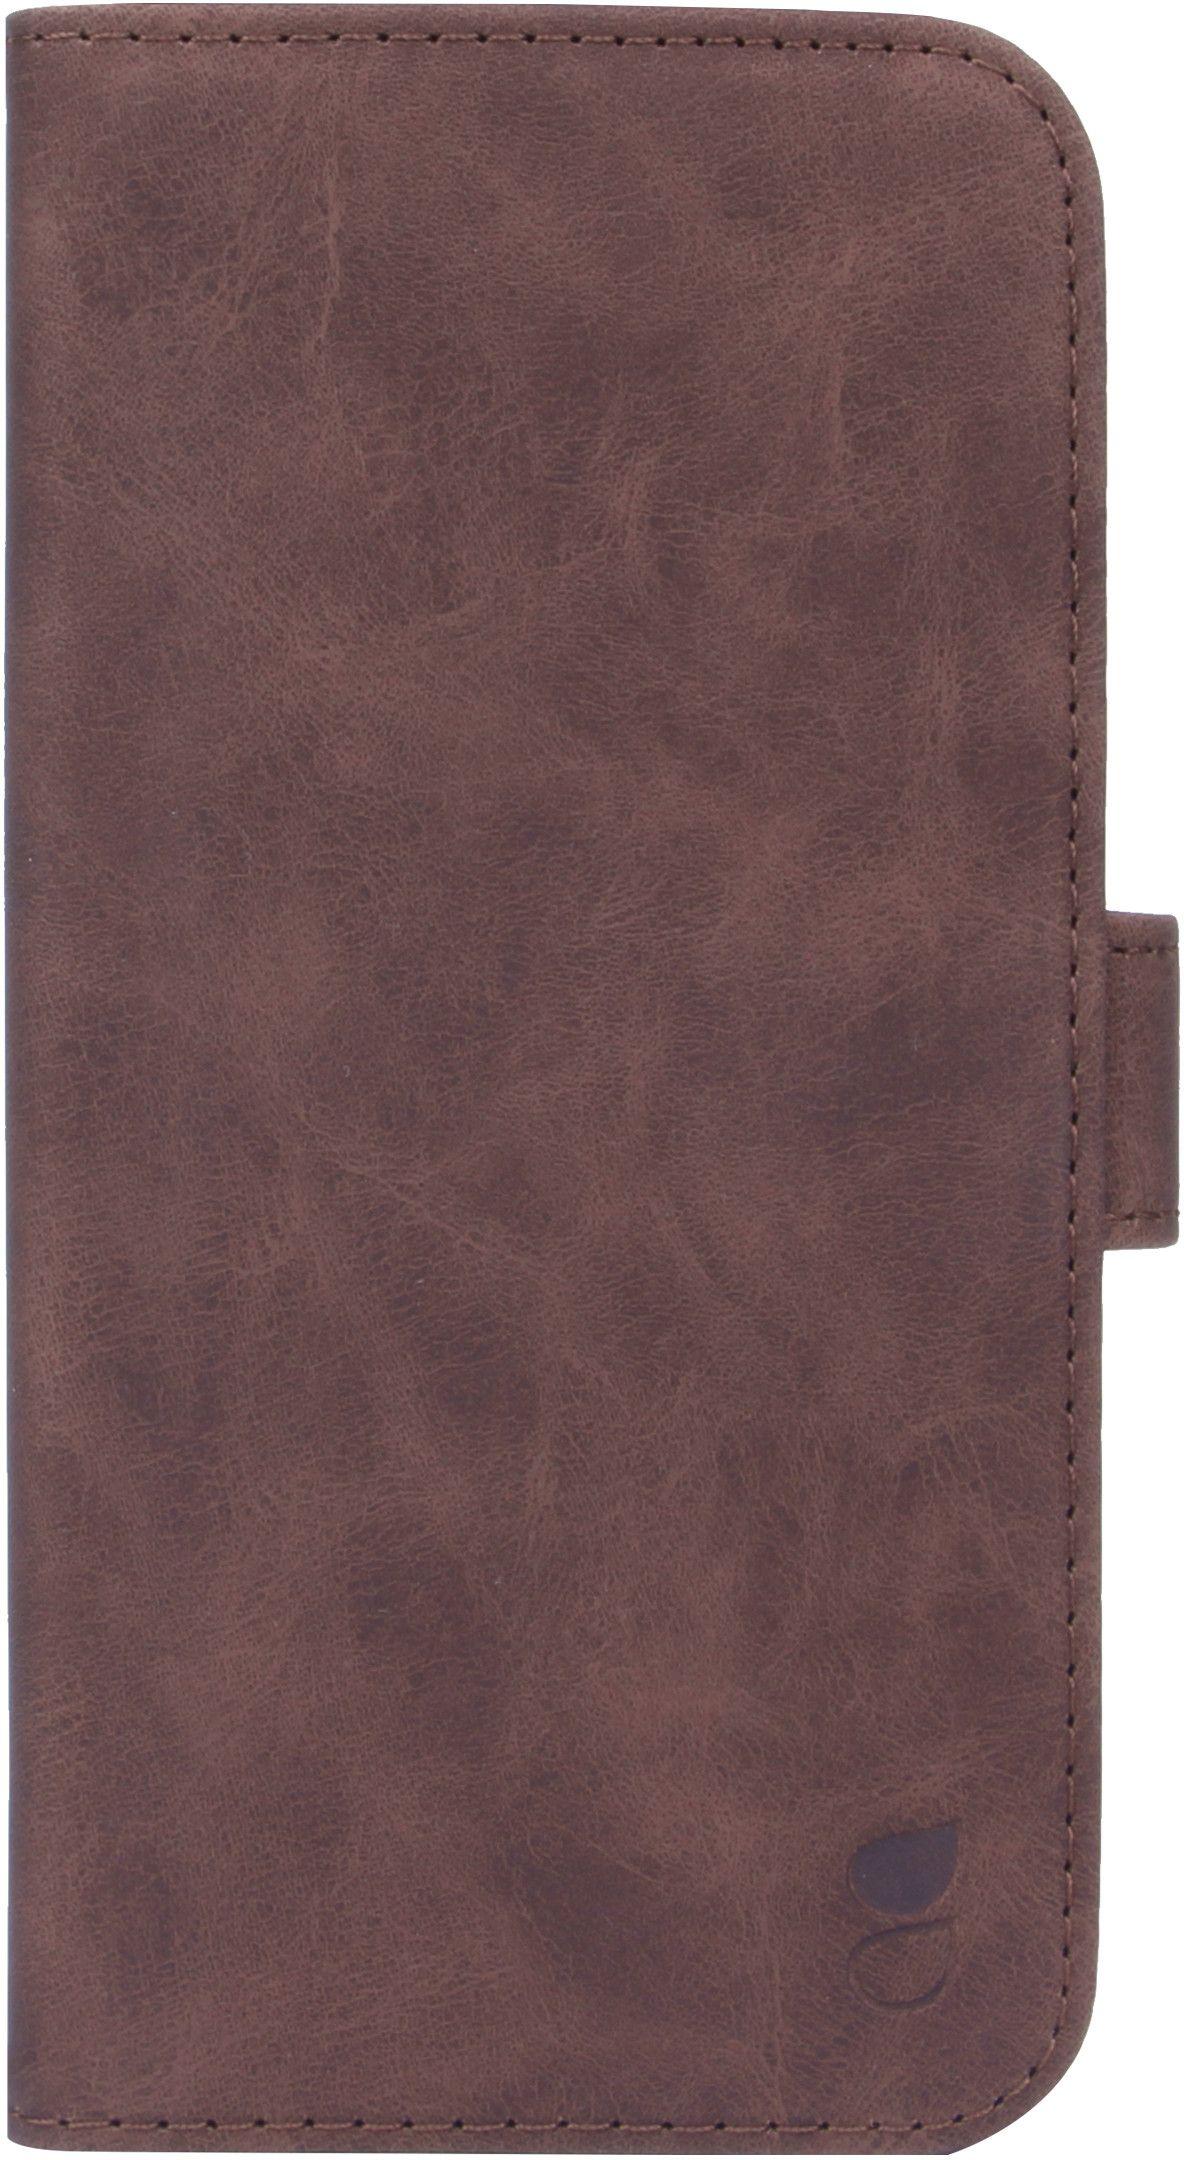 Gear Nubuck Wallet